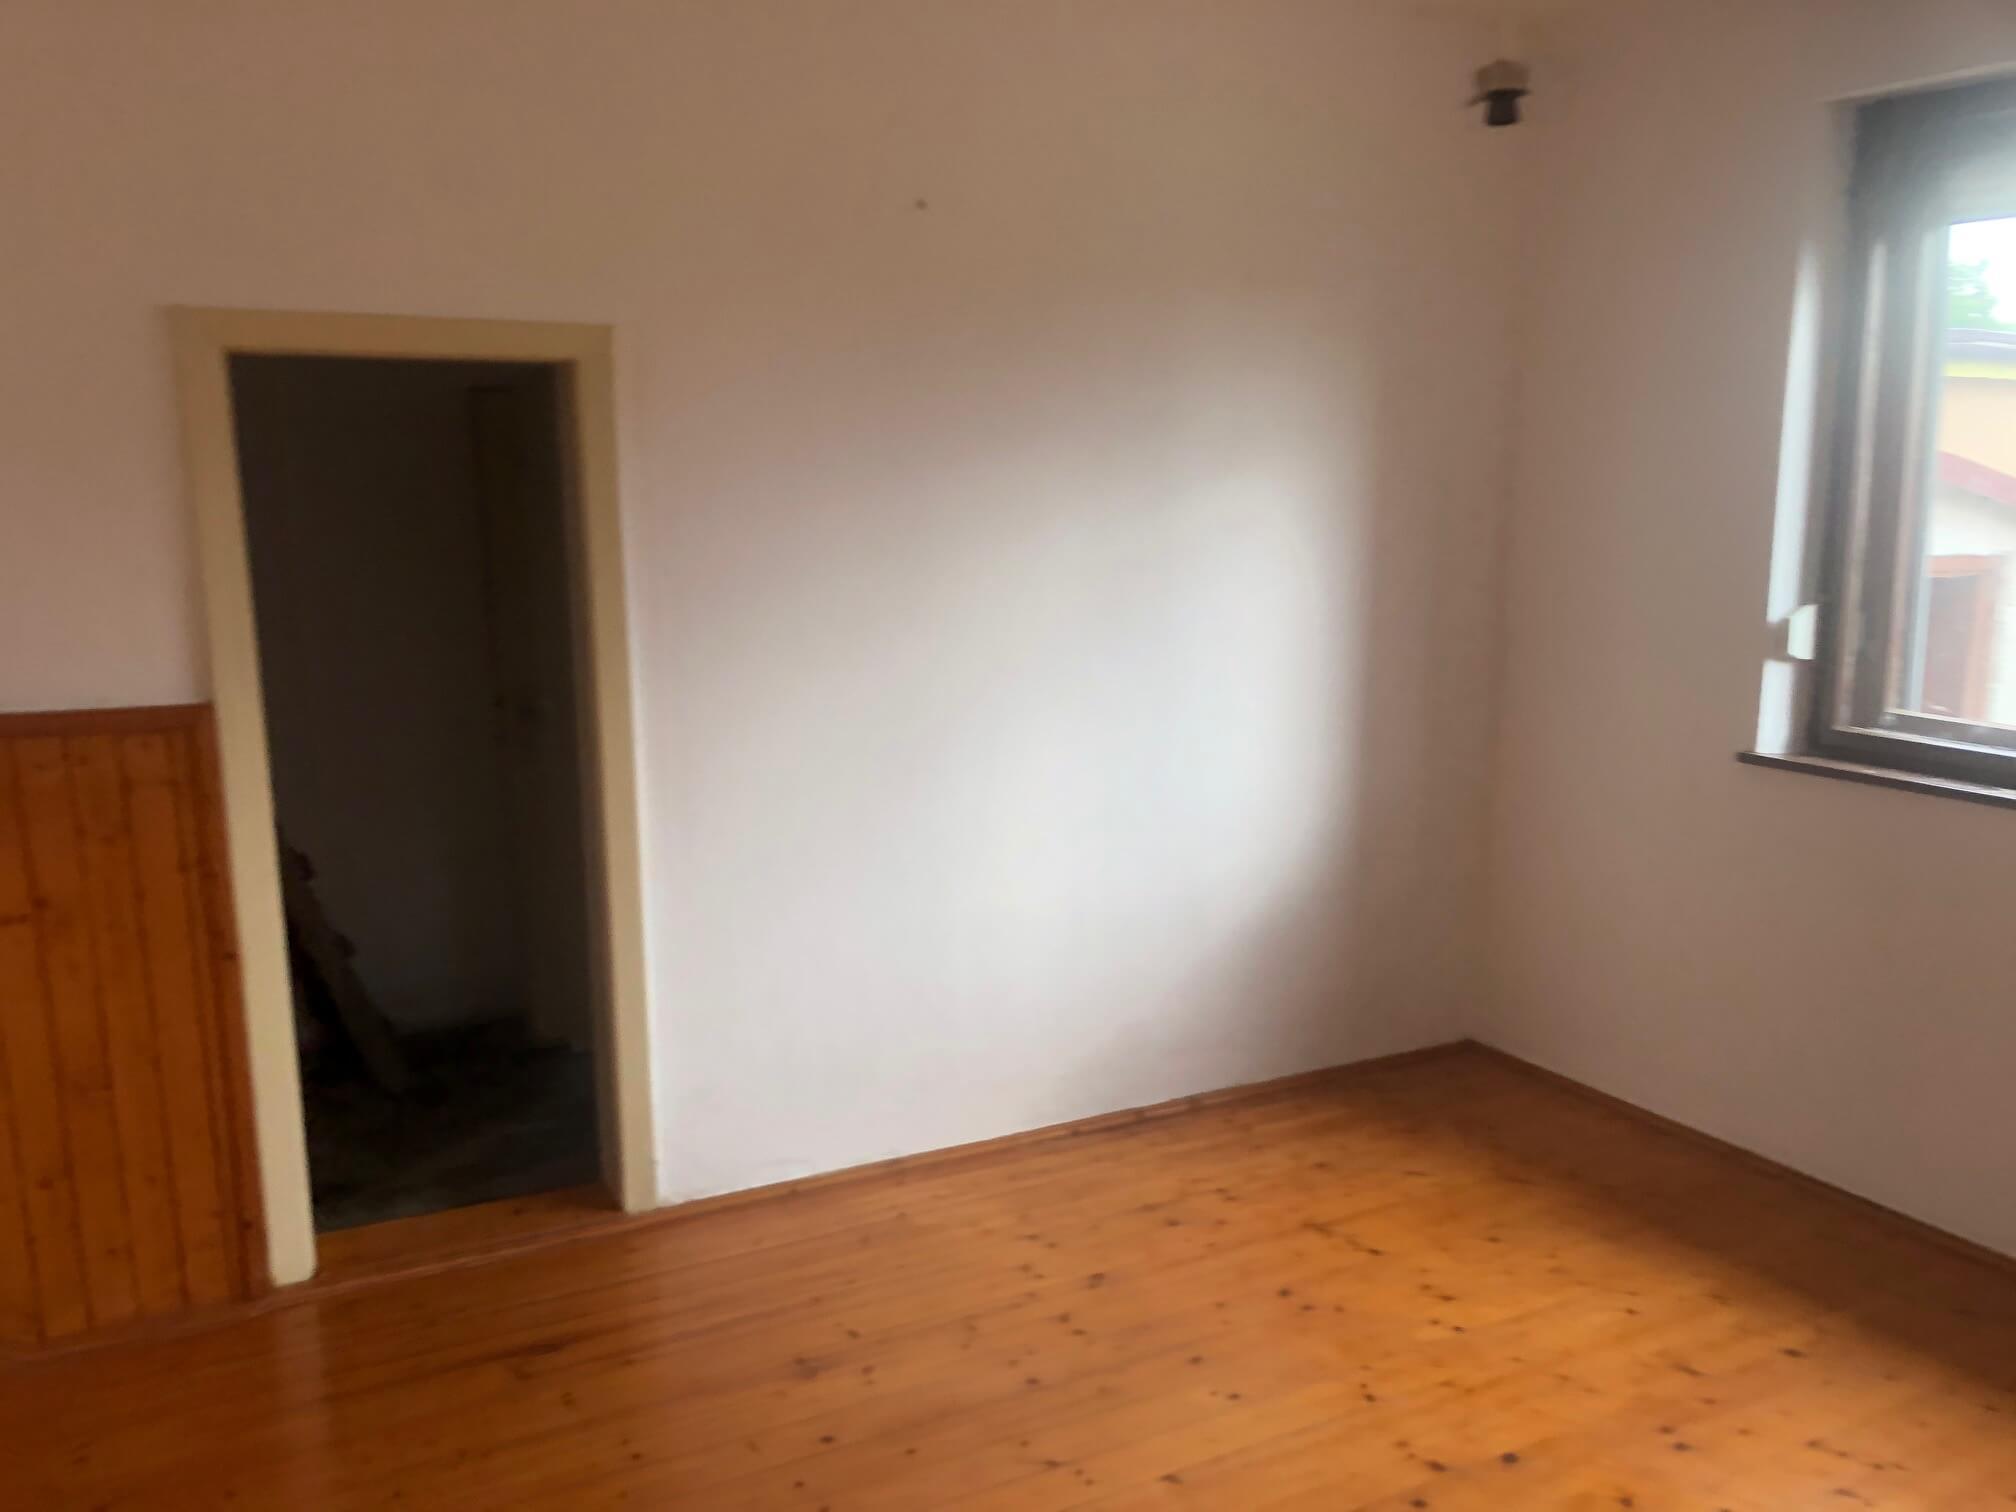 Predané: Pôvodný 4 izbový Rodinný dom v Šoporni, úžitková 96m2 plus 96m2 povala, pozemok 550m2-22